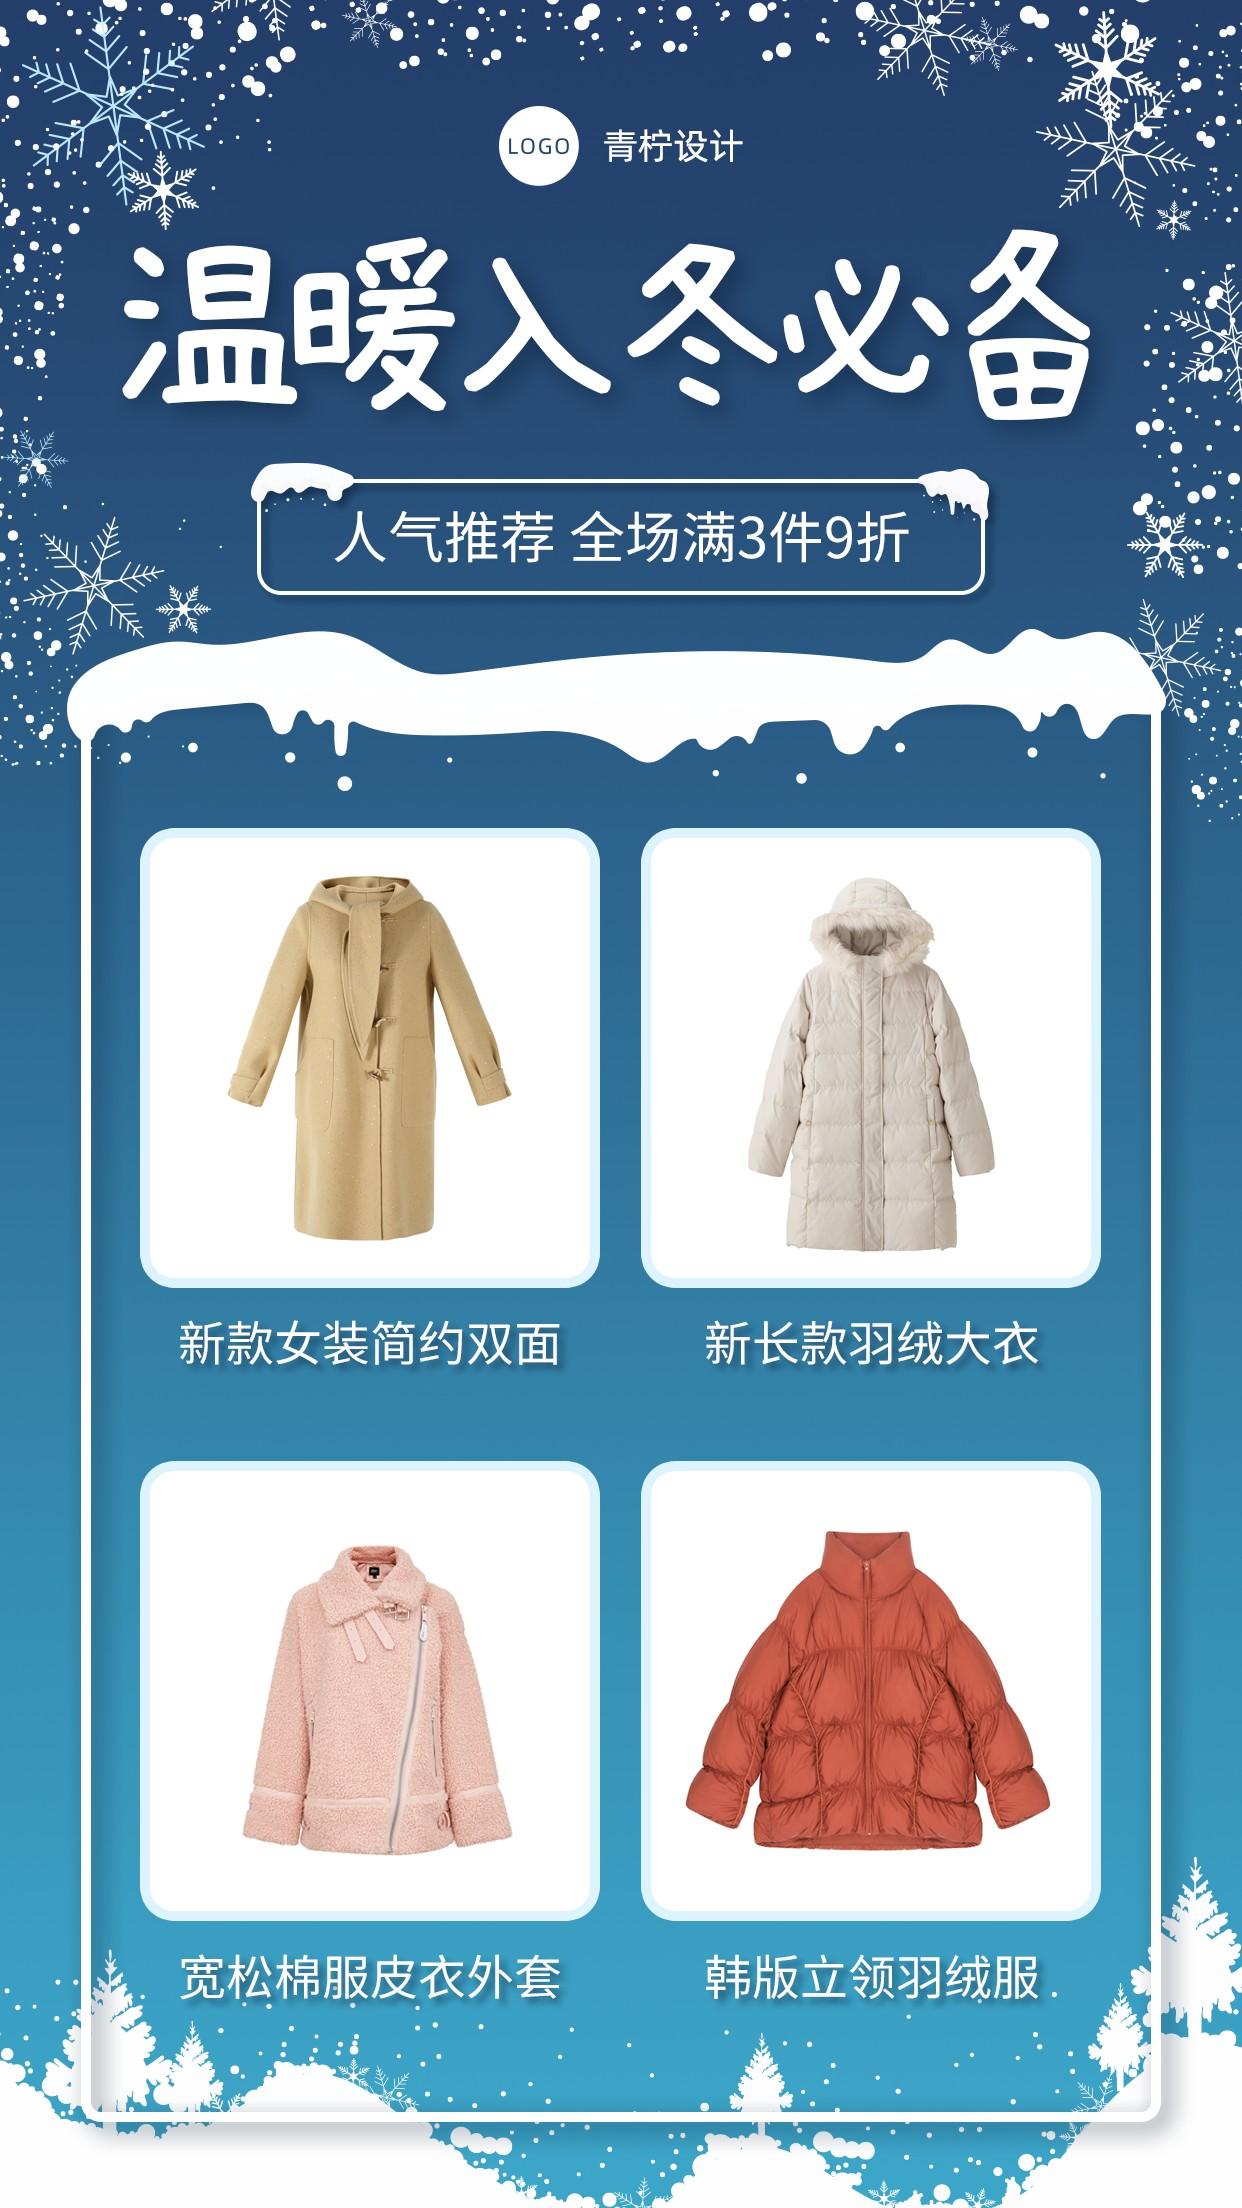 简约服饰箱包冬季手机海报